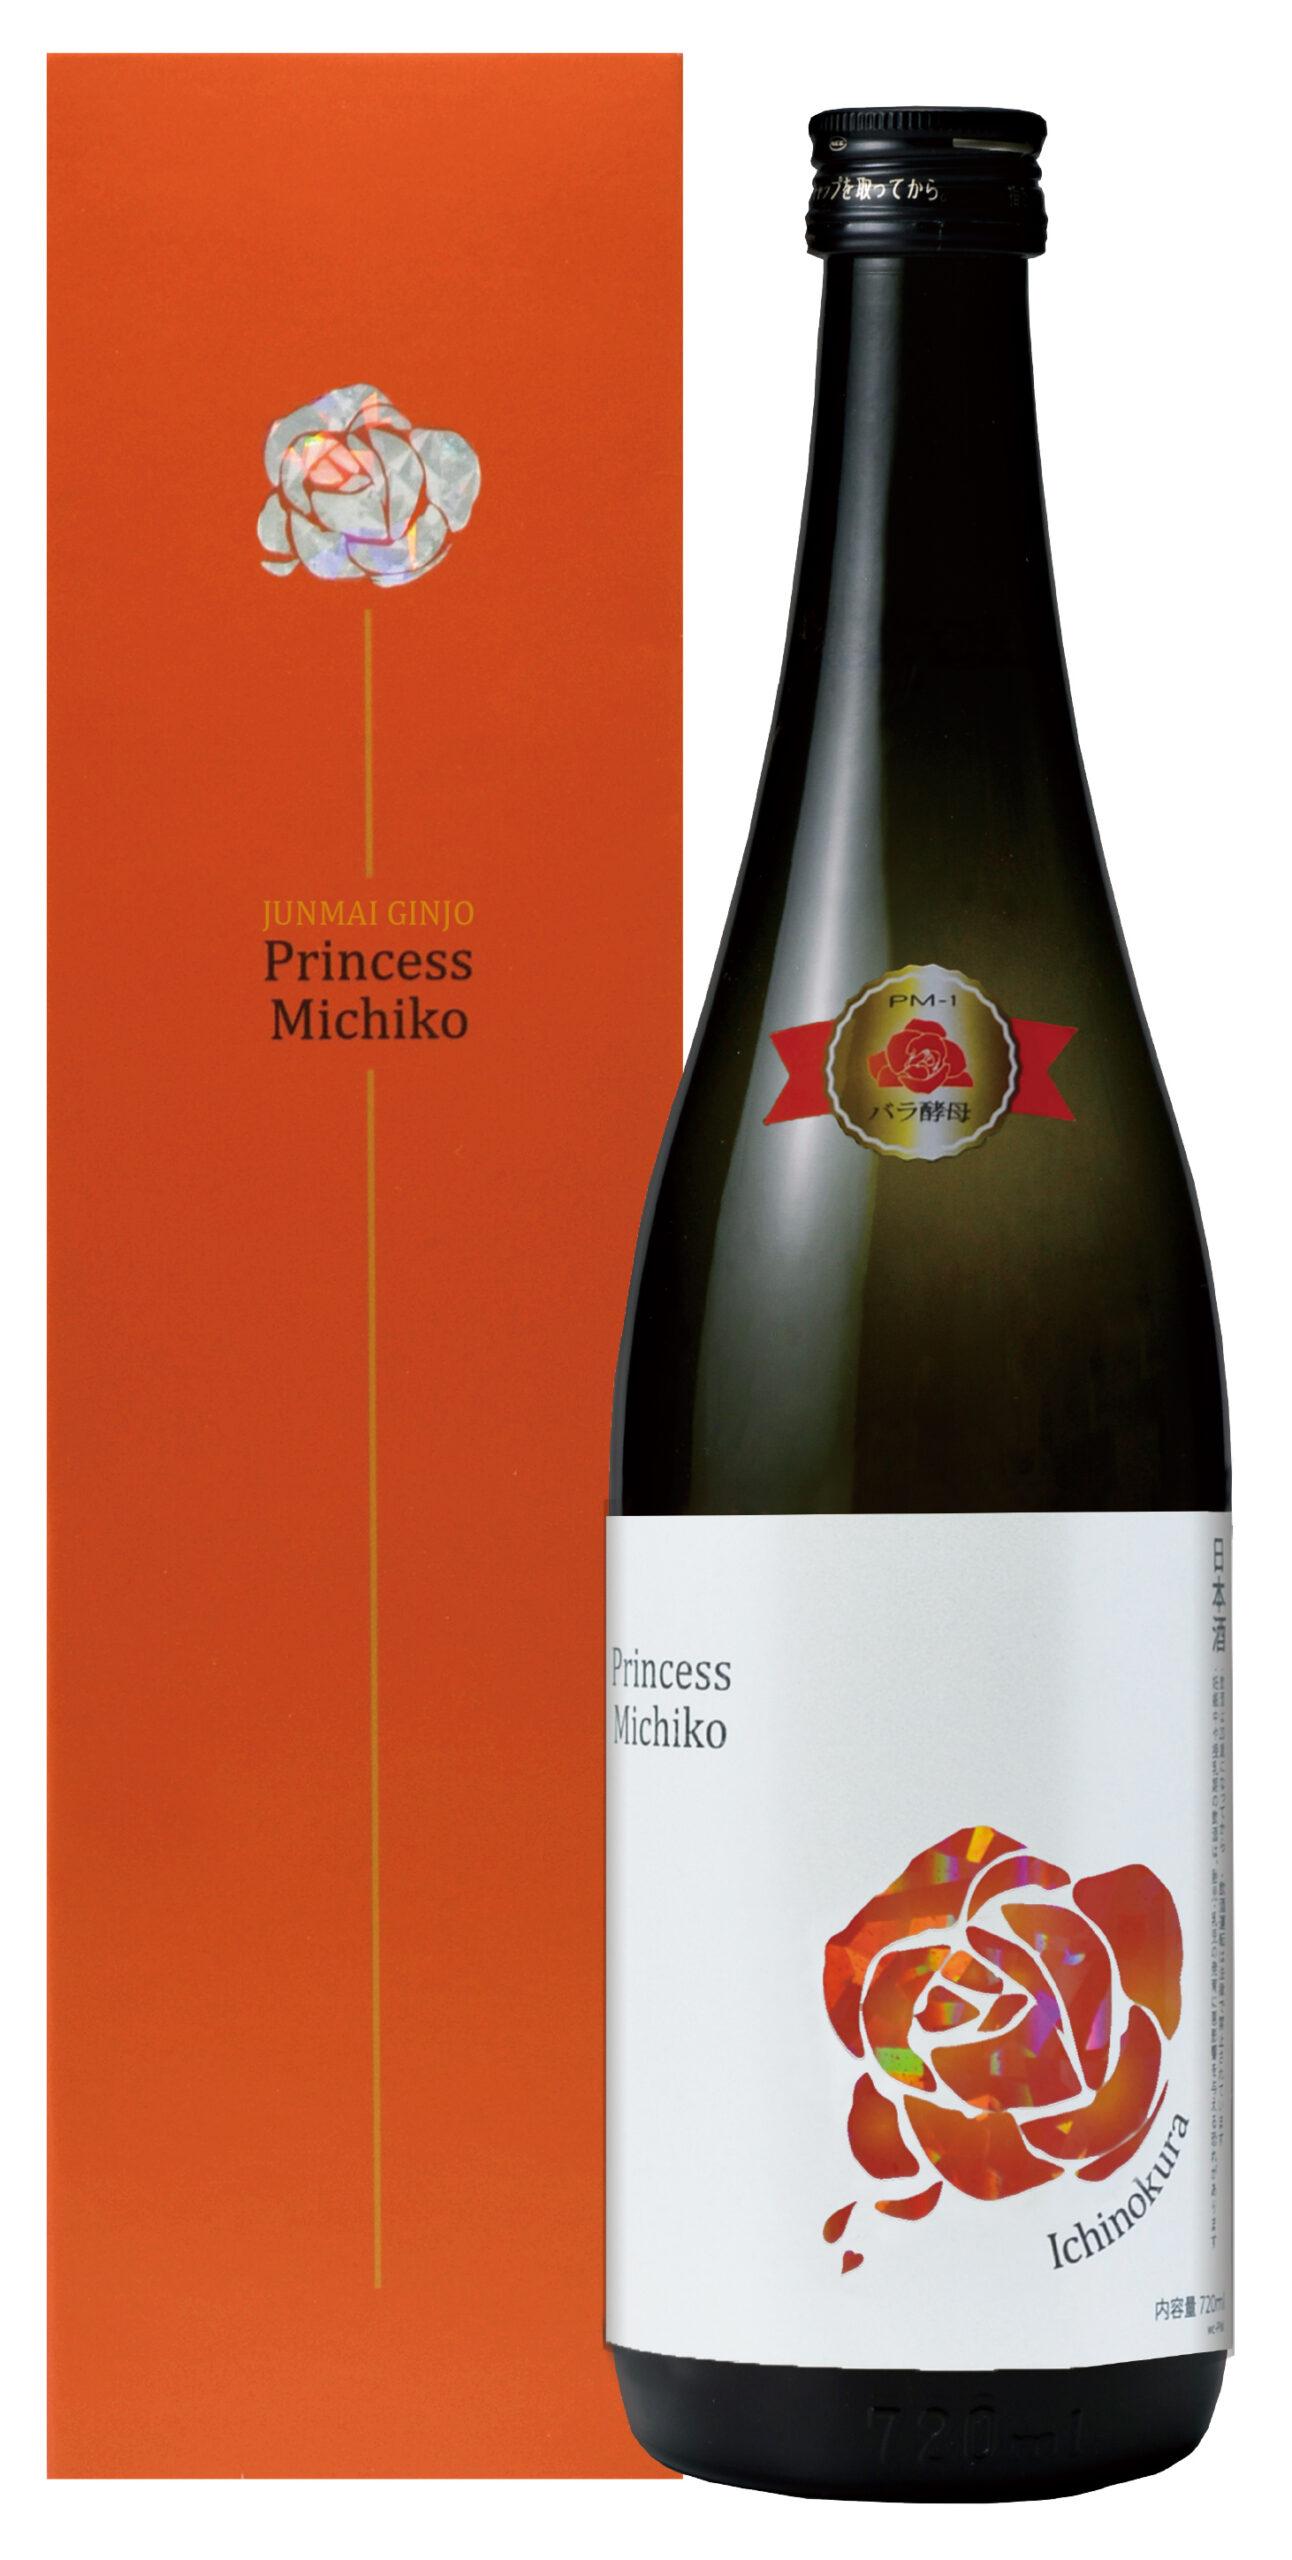 薔薇酵母を使用したお酒「一ノ蔵純米吟醸プリンセス・ミチコ」4月20日発売